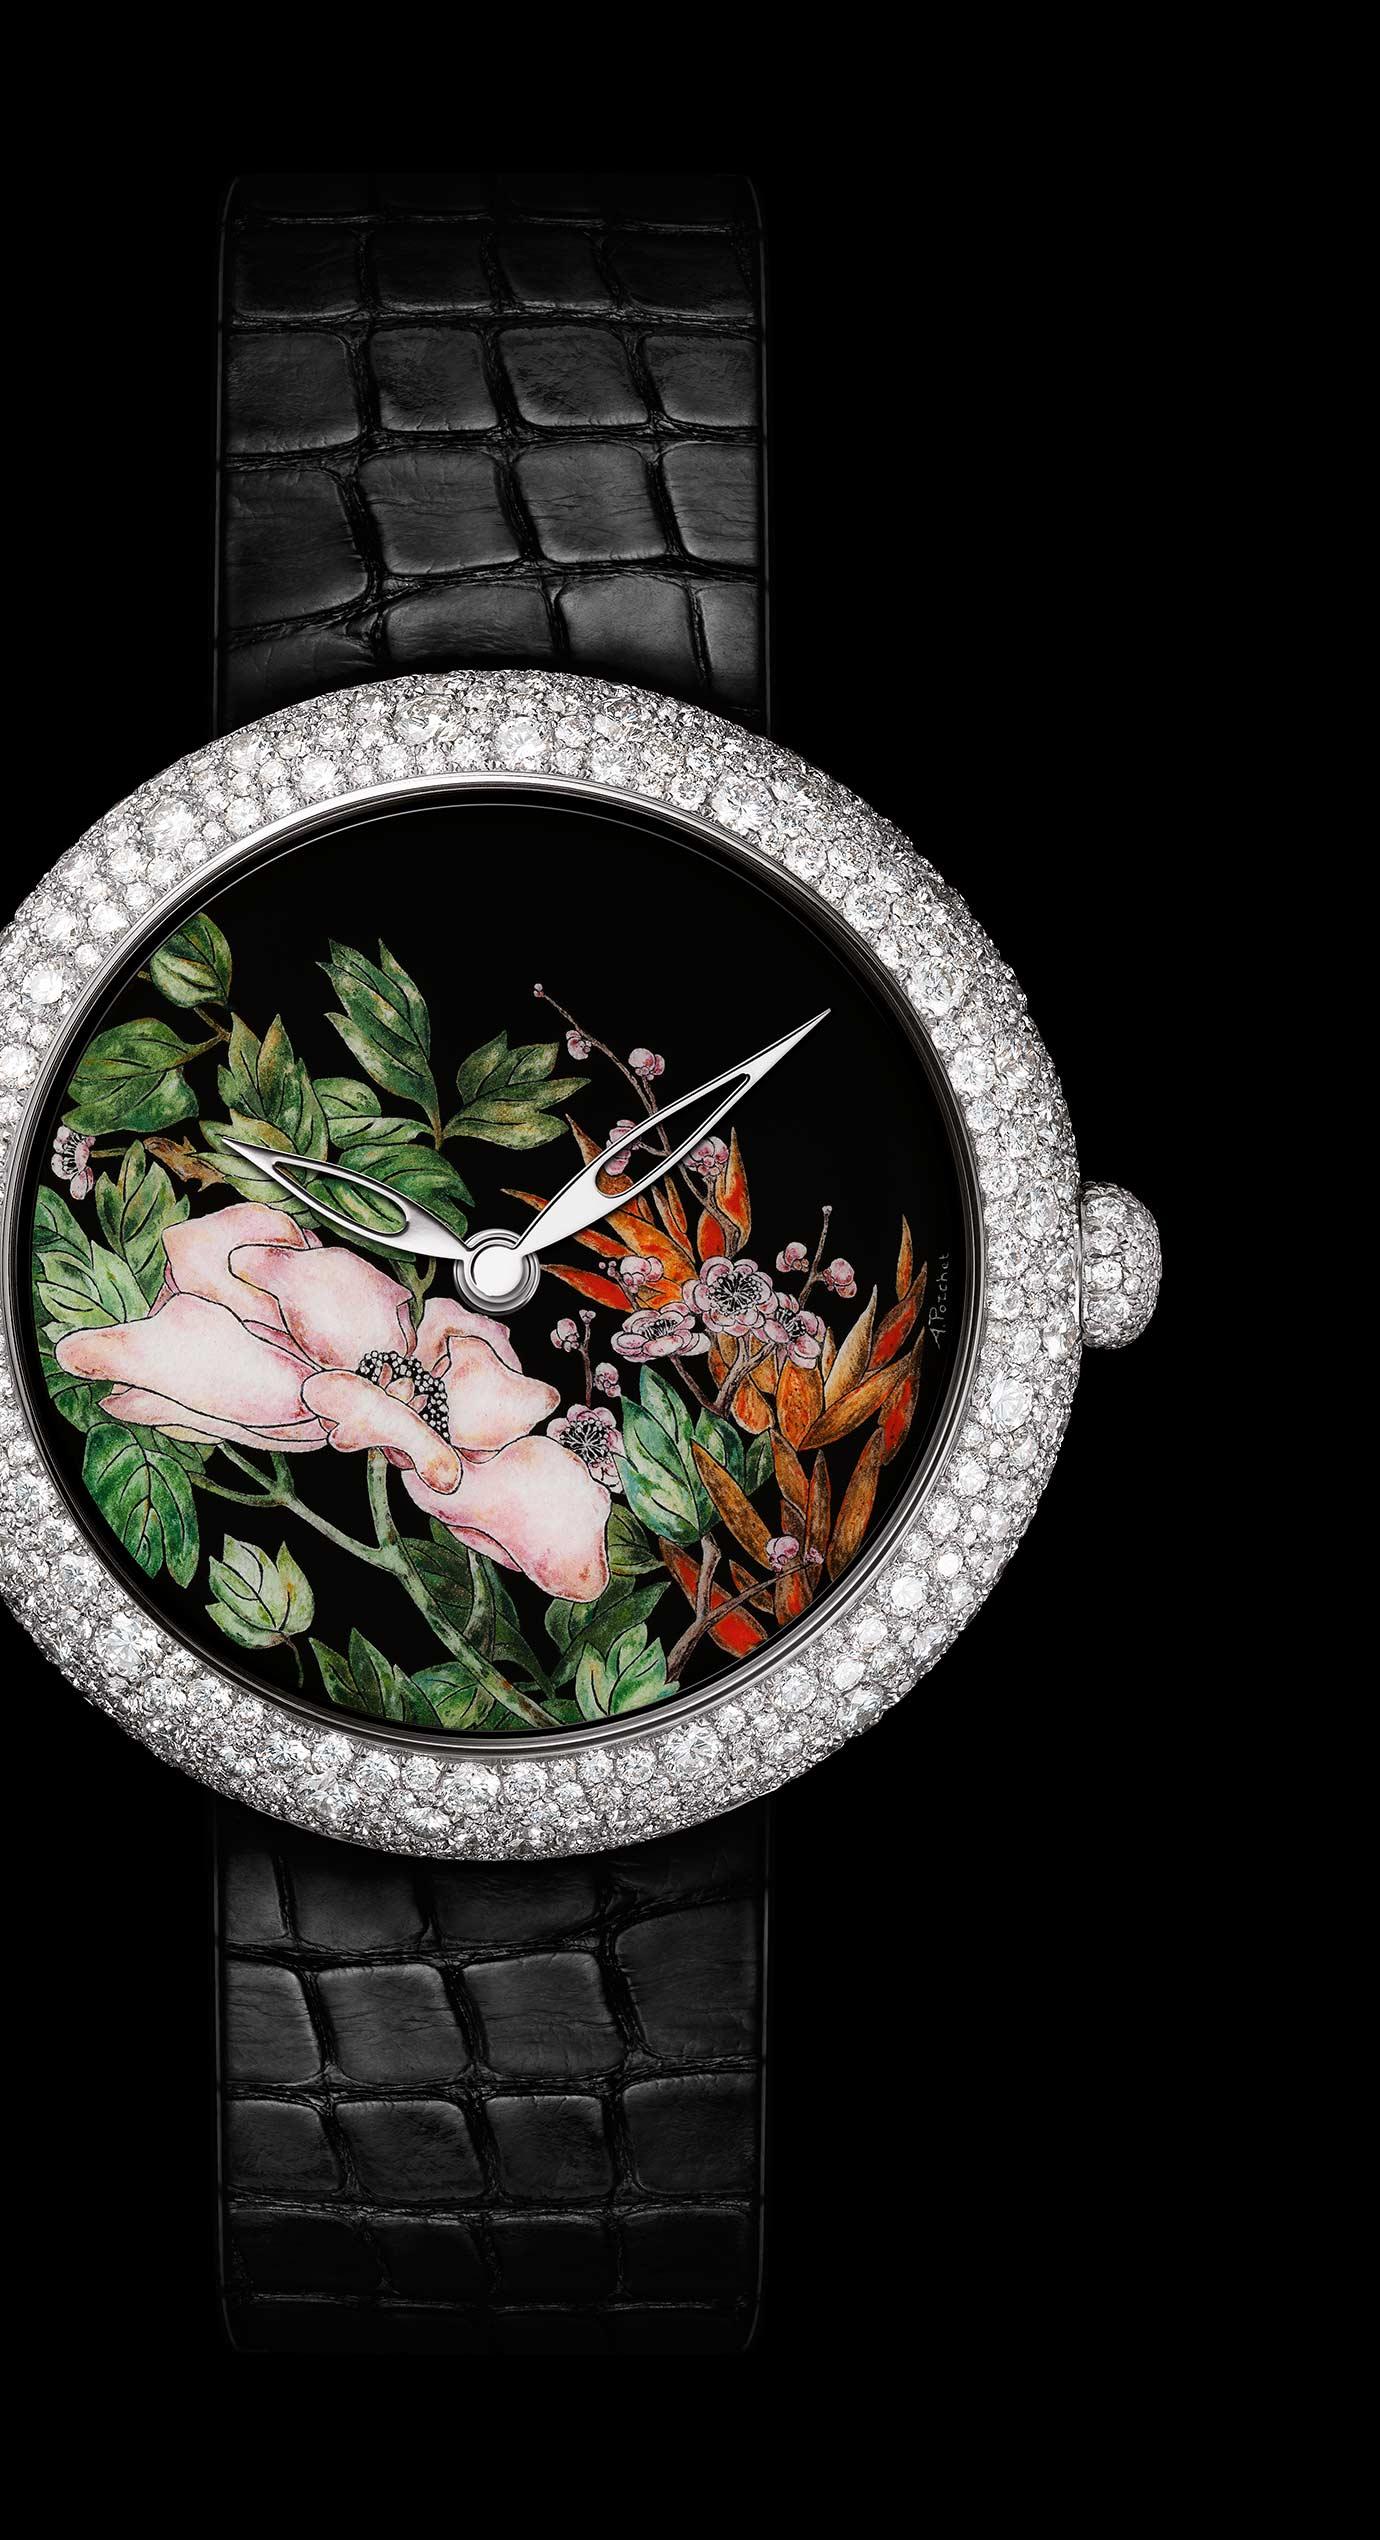 Reloj Mademoiselle Privé Coromandel en oro blanco de 18 quilates engastado con diamantes, realizado según la técnica de la miniatura en esmalte Grand Feu - Vista ampliada